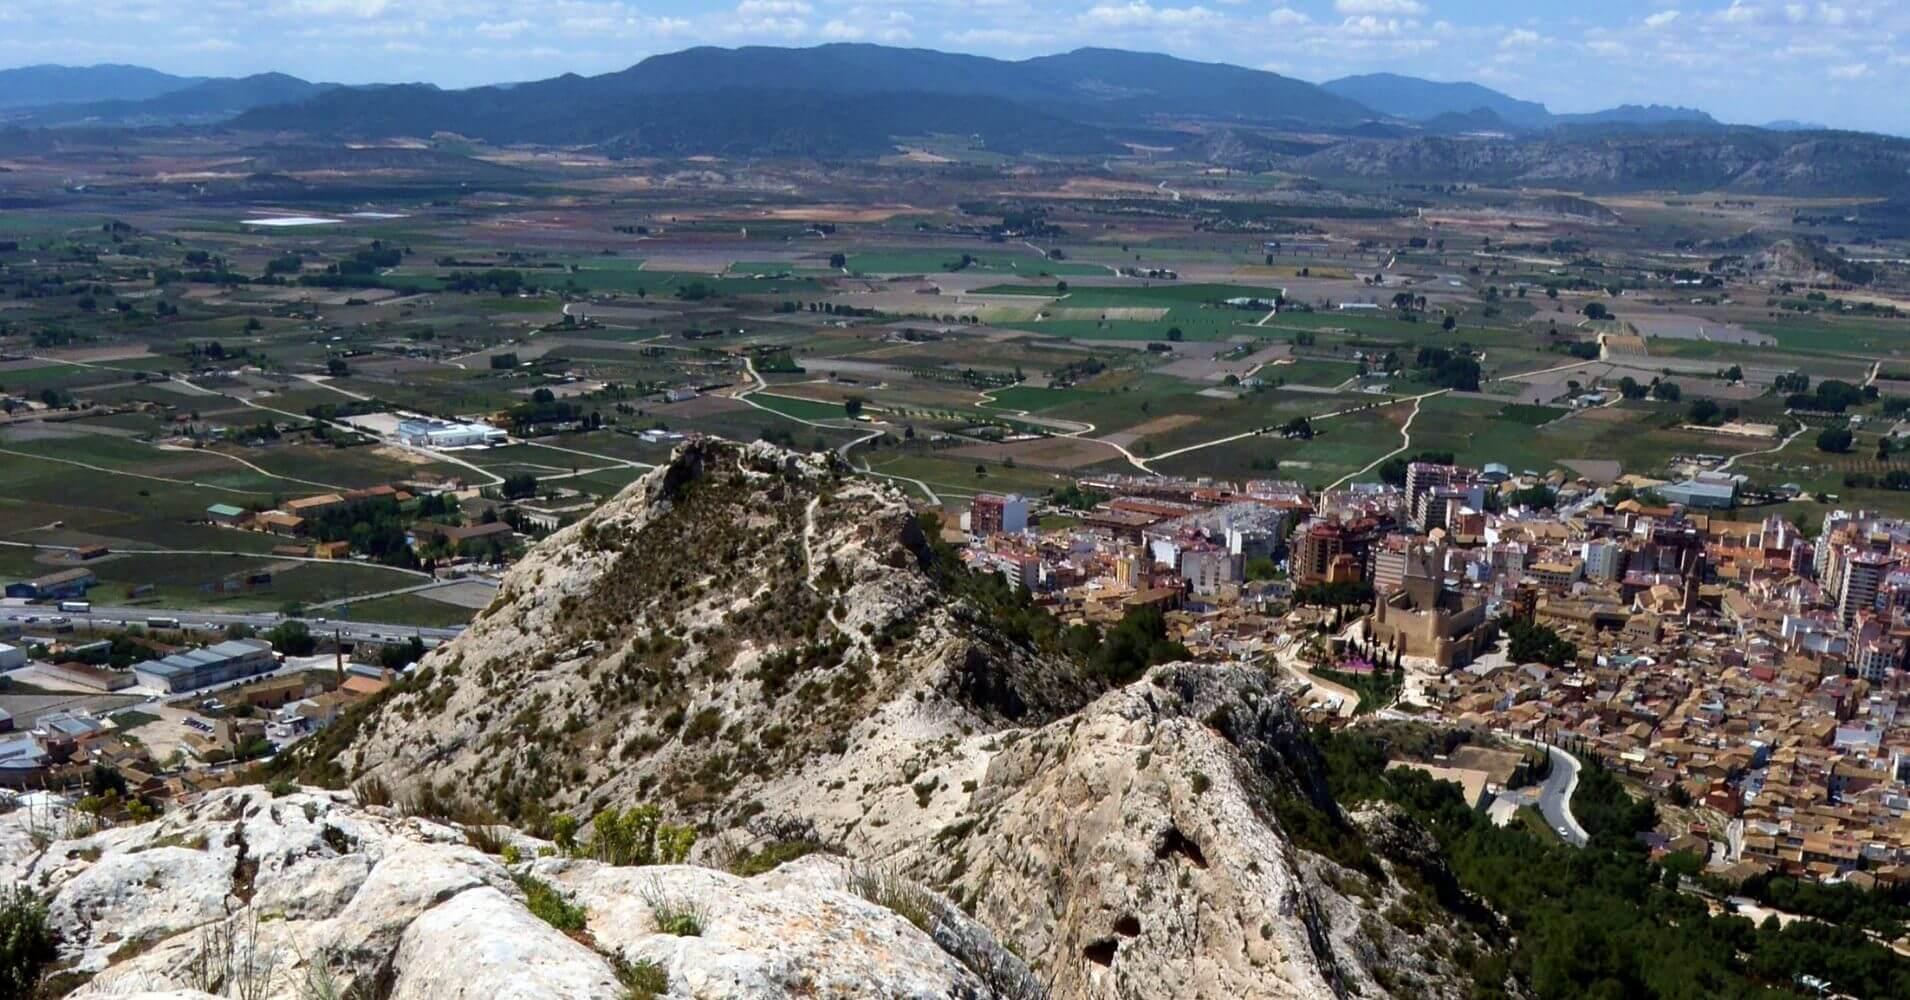 Panorámicas desde la Sierra de la Villa, Alicante. Villena. Comunidad Valenciana.